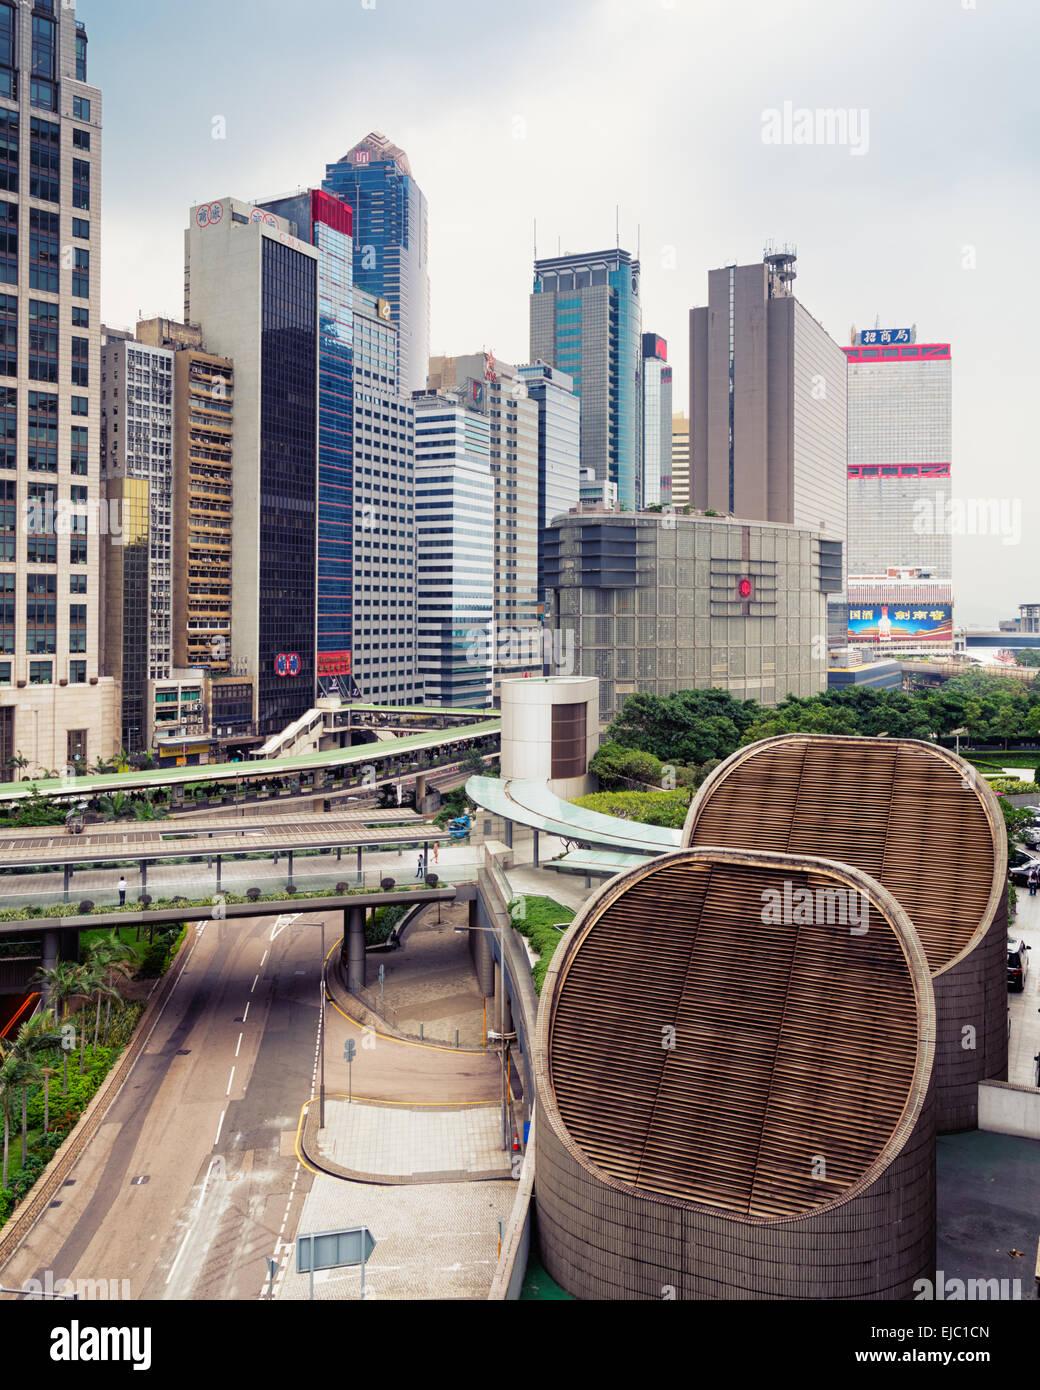 Hong Kong, Hong Kong SAR -November 12, 2014: Elevated view of the central business district of Hong Kong. - Stock Image